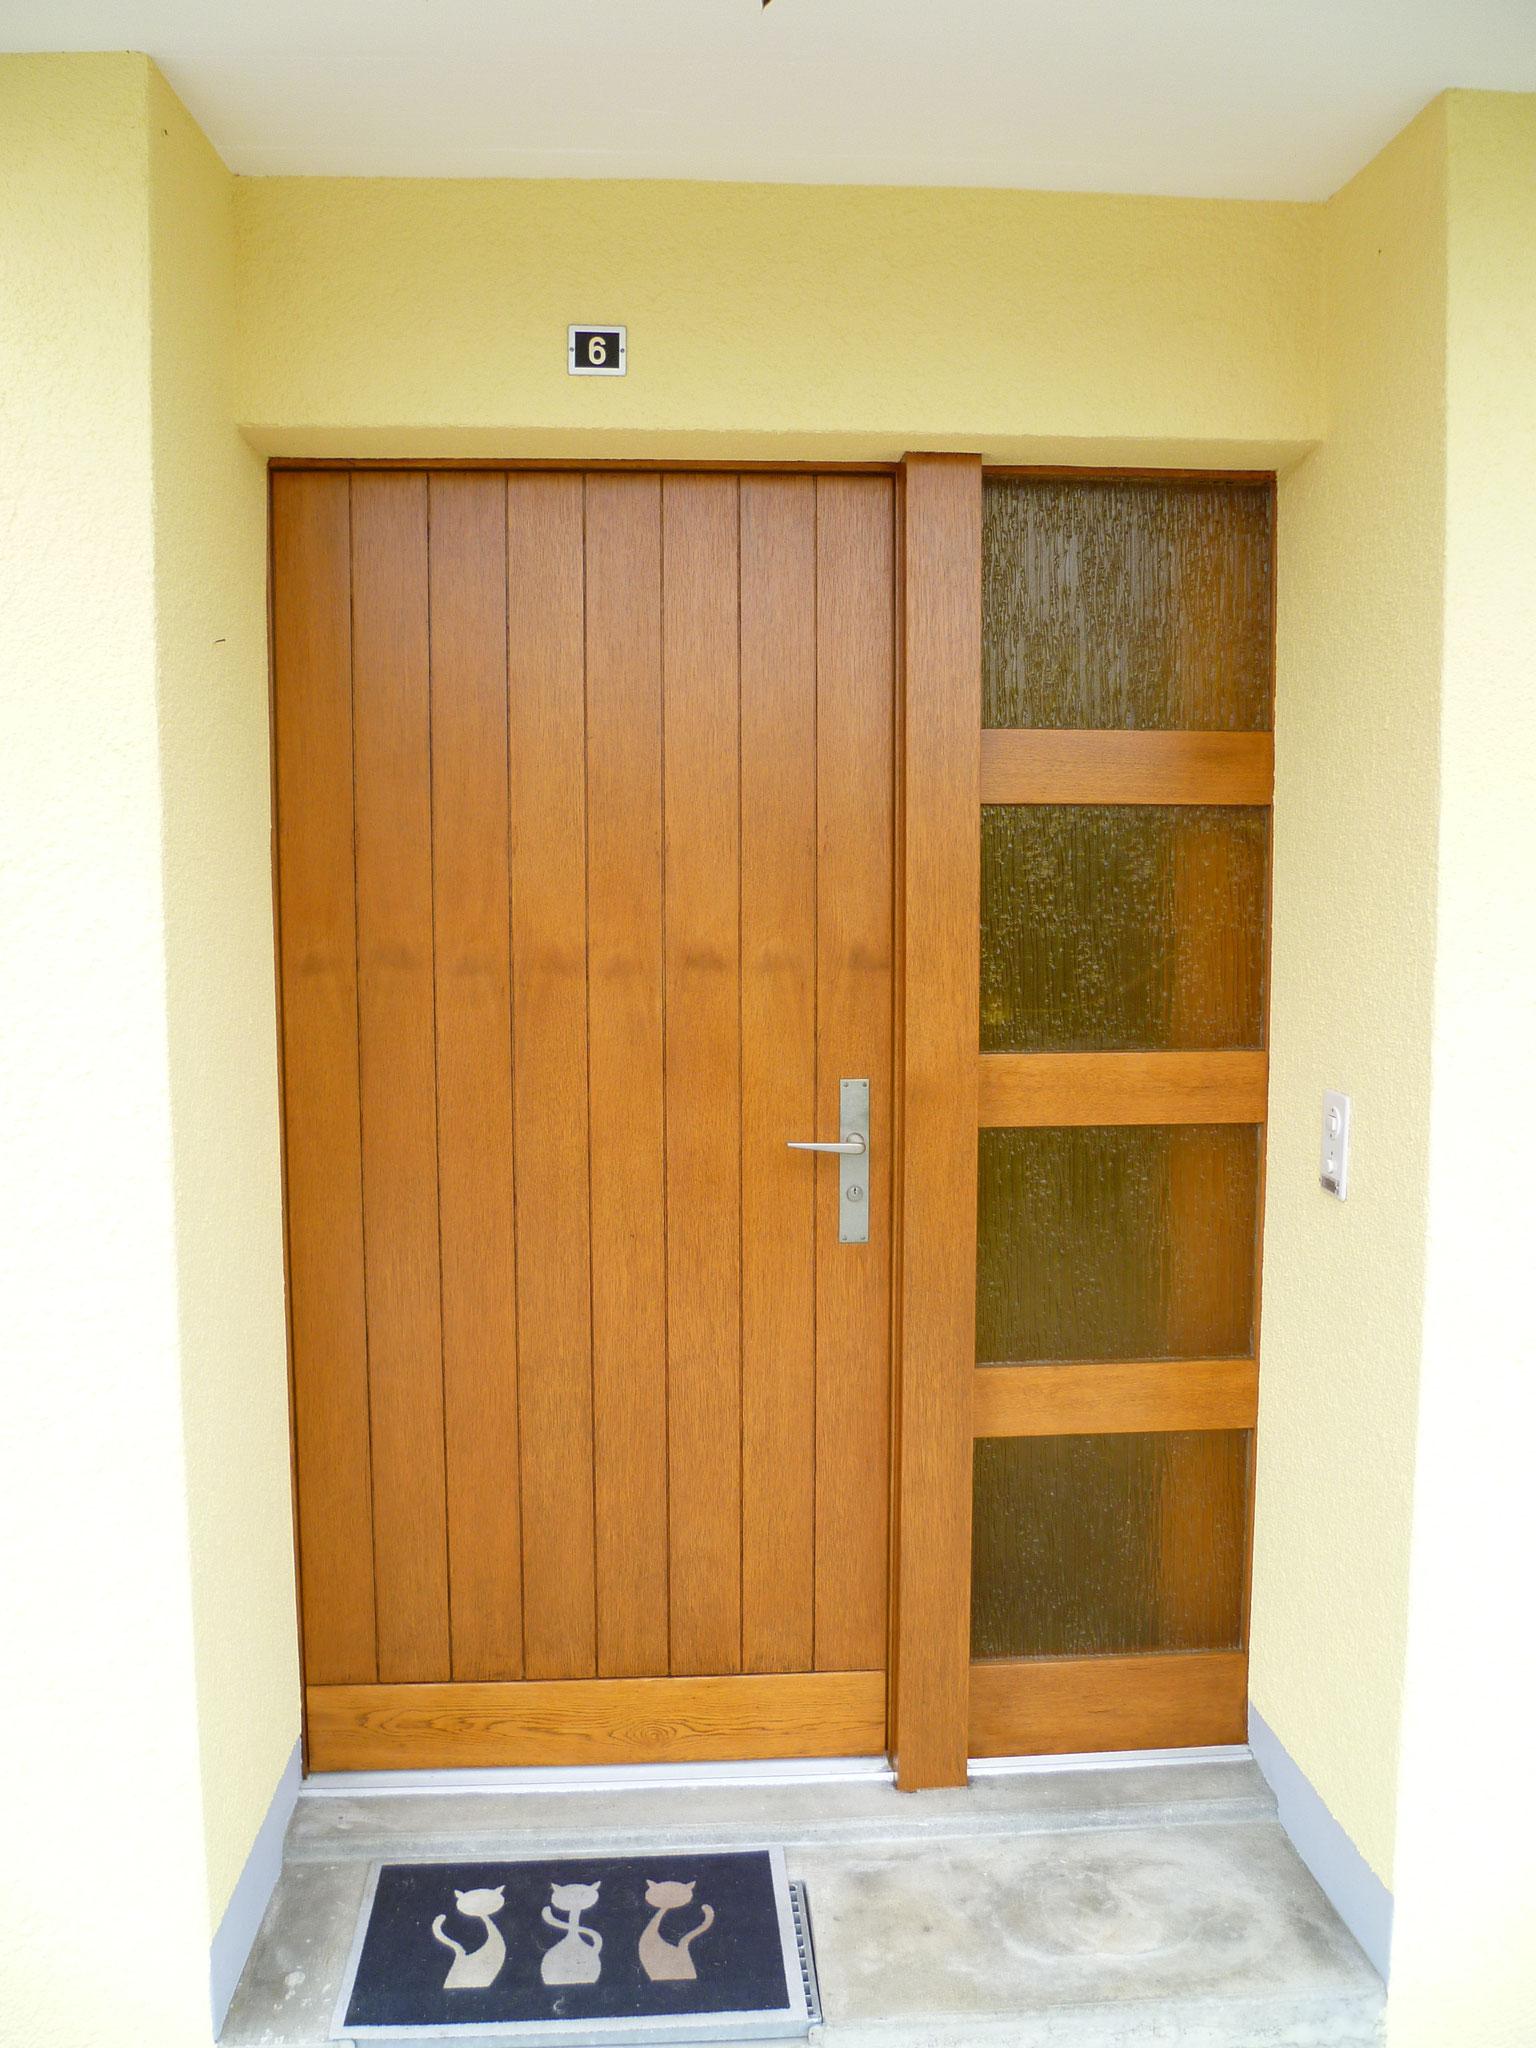 Aus alt mach neu: Diese Haustüre erstrahlt in neuem Glanz – Seftigen